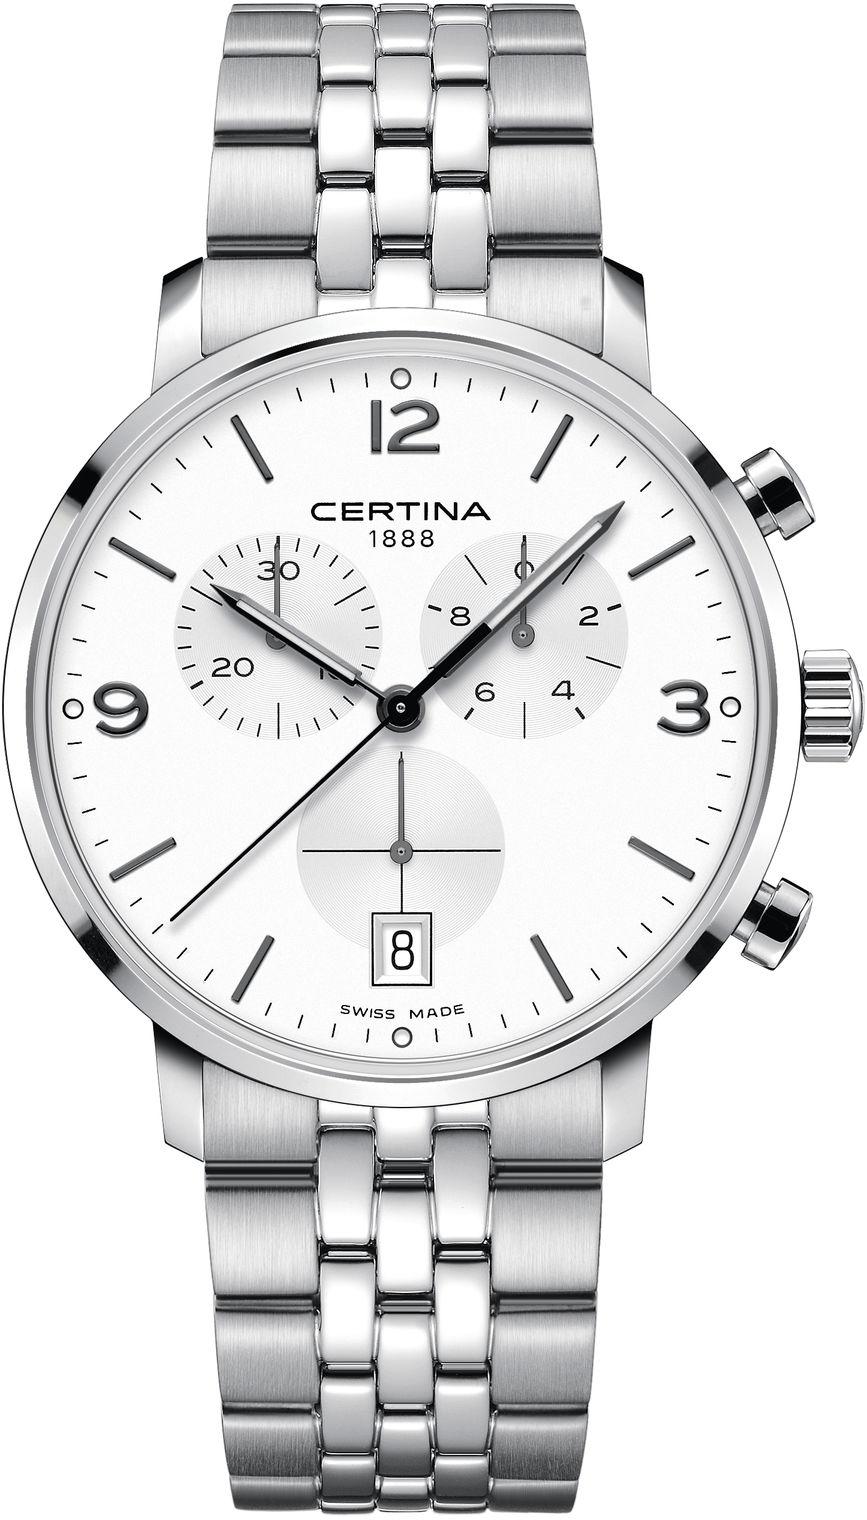 Certina C035.417.11.037.00